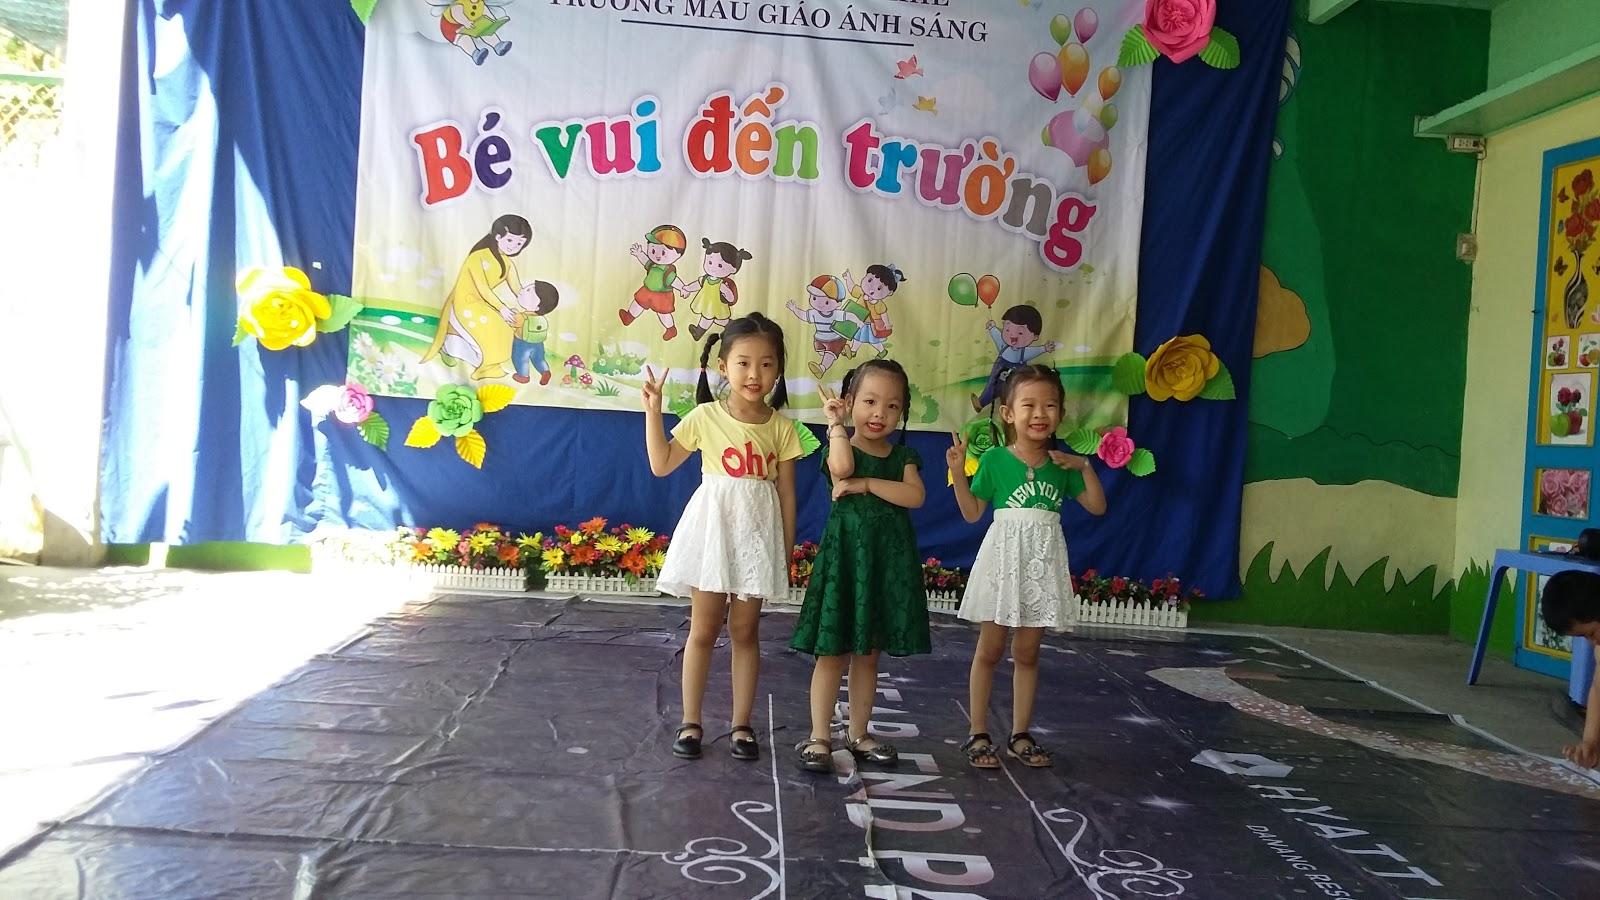 Trường mầm non Ánh Sáng -  Huỳnh Ngọc Huệ